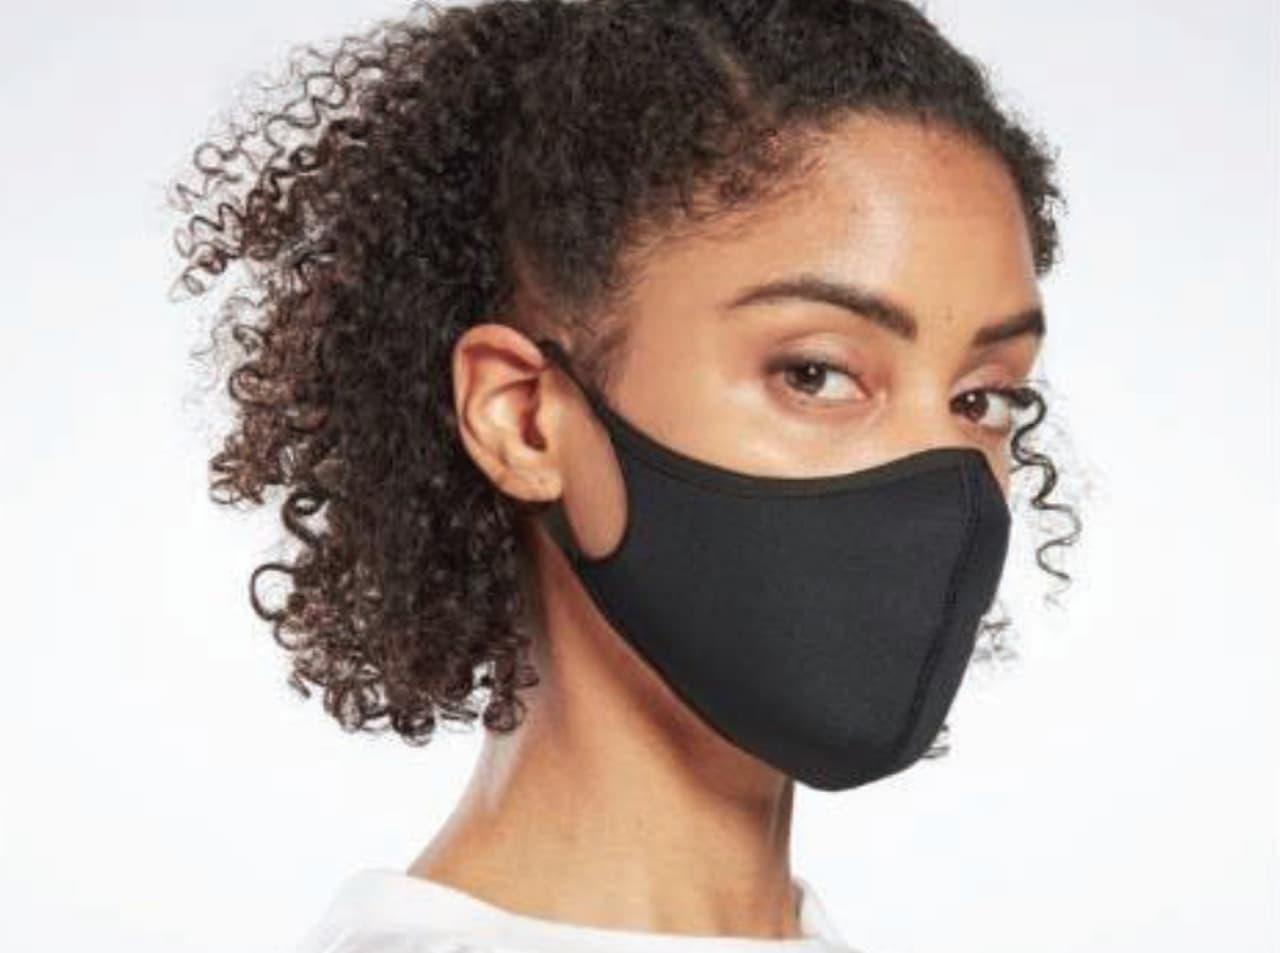 リーボックが「Reebok Face Cover」を発売 - ソフトで通気性の高い素材を使用